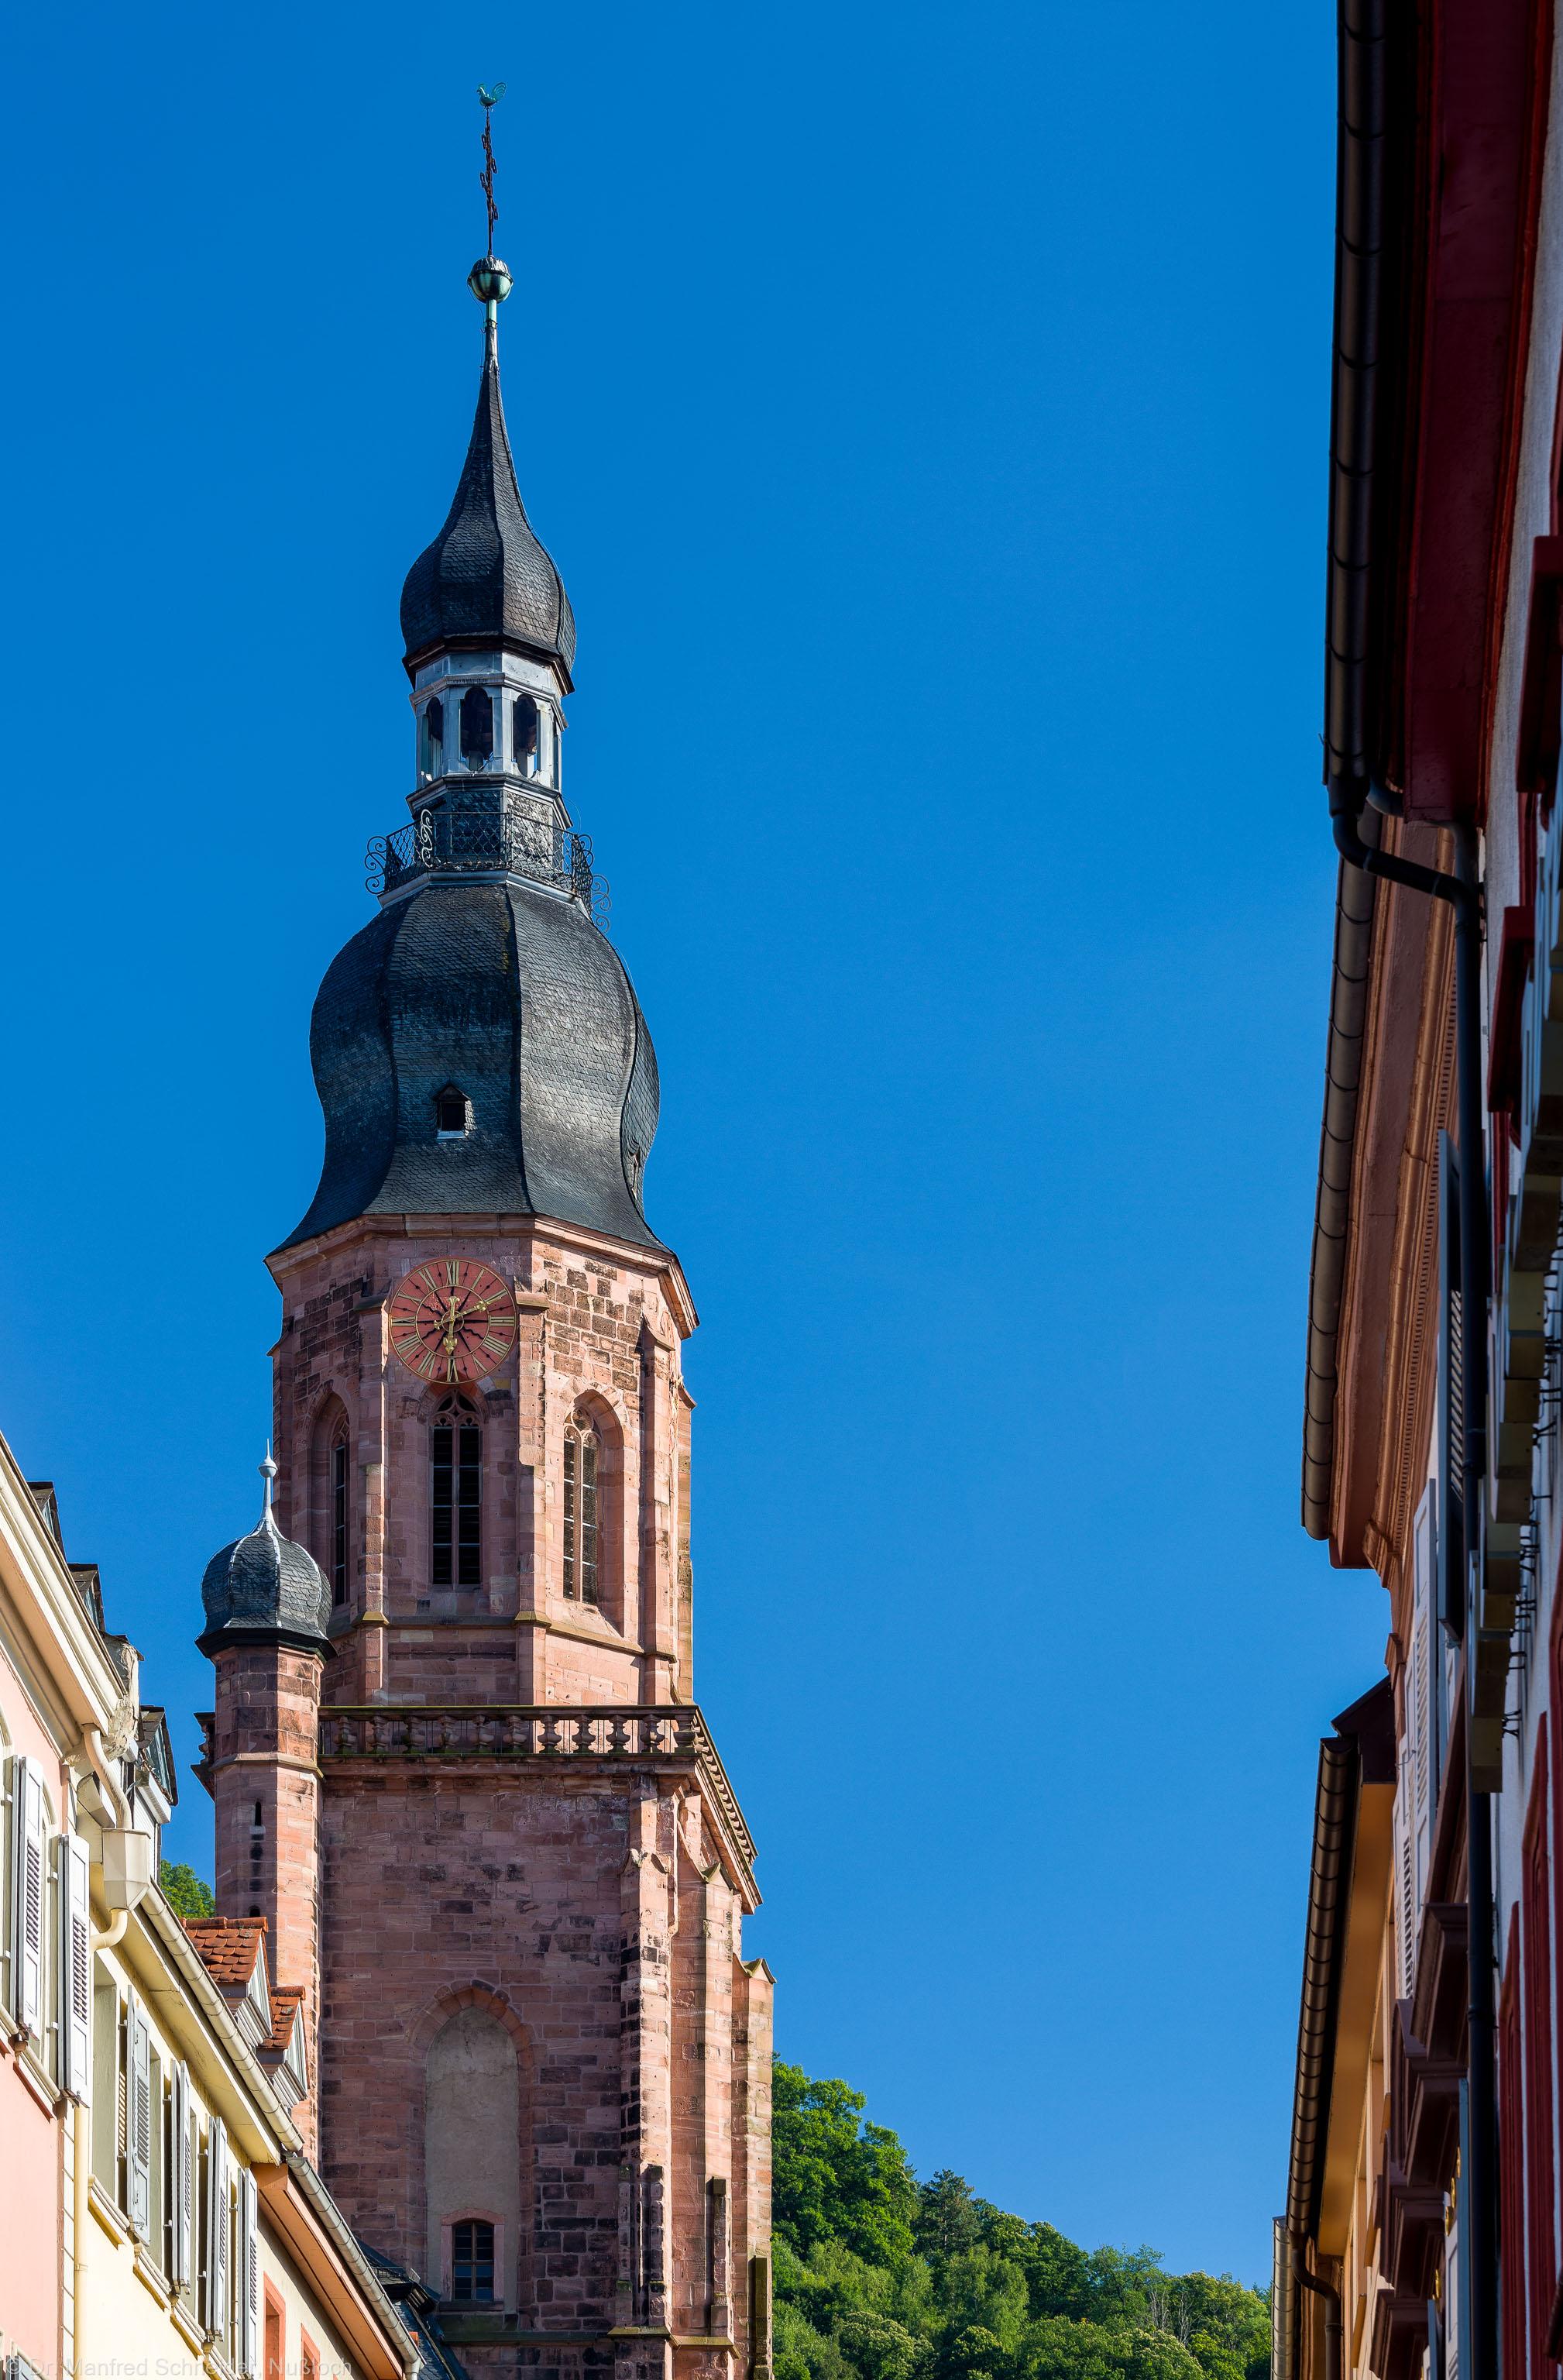 Heidelberg - Heiliggeistkirche - Aussen / Nord - Blick vom Neckar an der Haspelgasse auf den Turm am späteren Nachmittag (aufgenommen im Juli 2013, am frühen Abend)